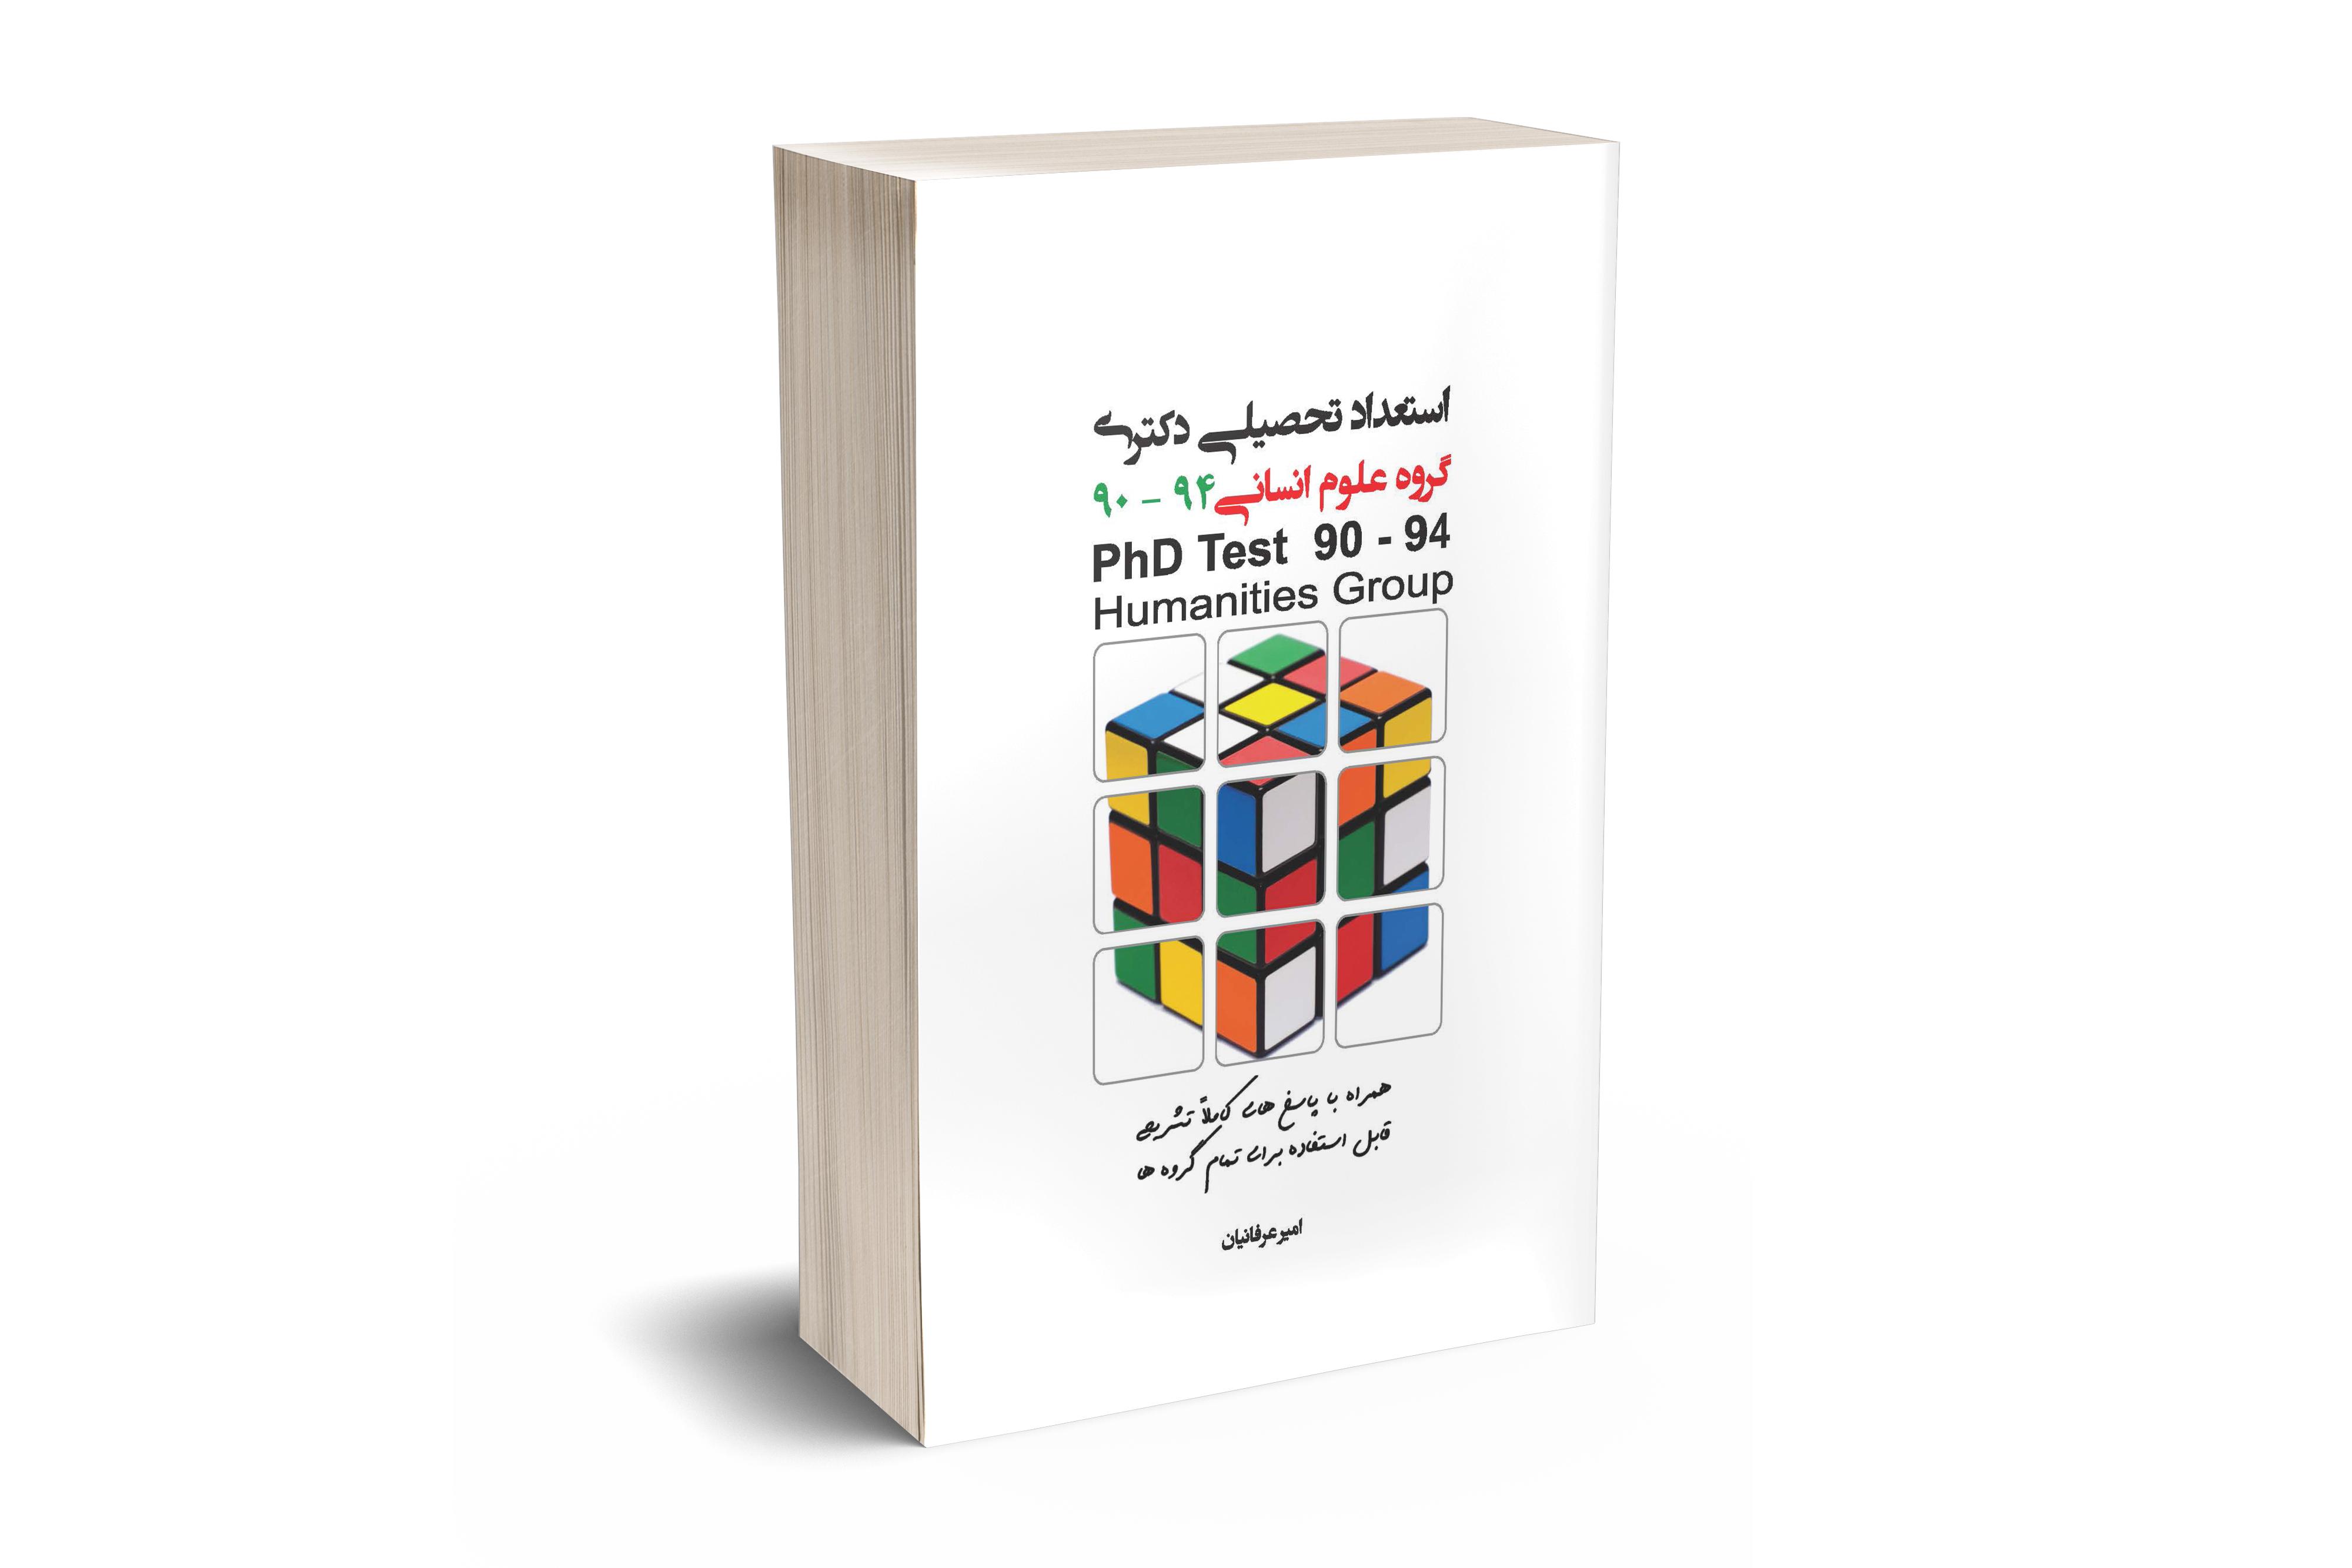 استعداد تحصیلی دکتری گروه علوم انسانی 90-94